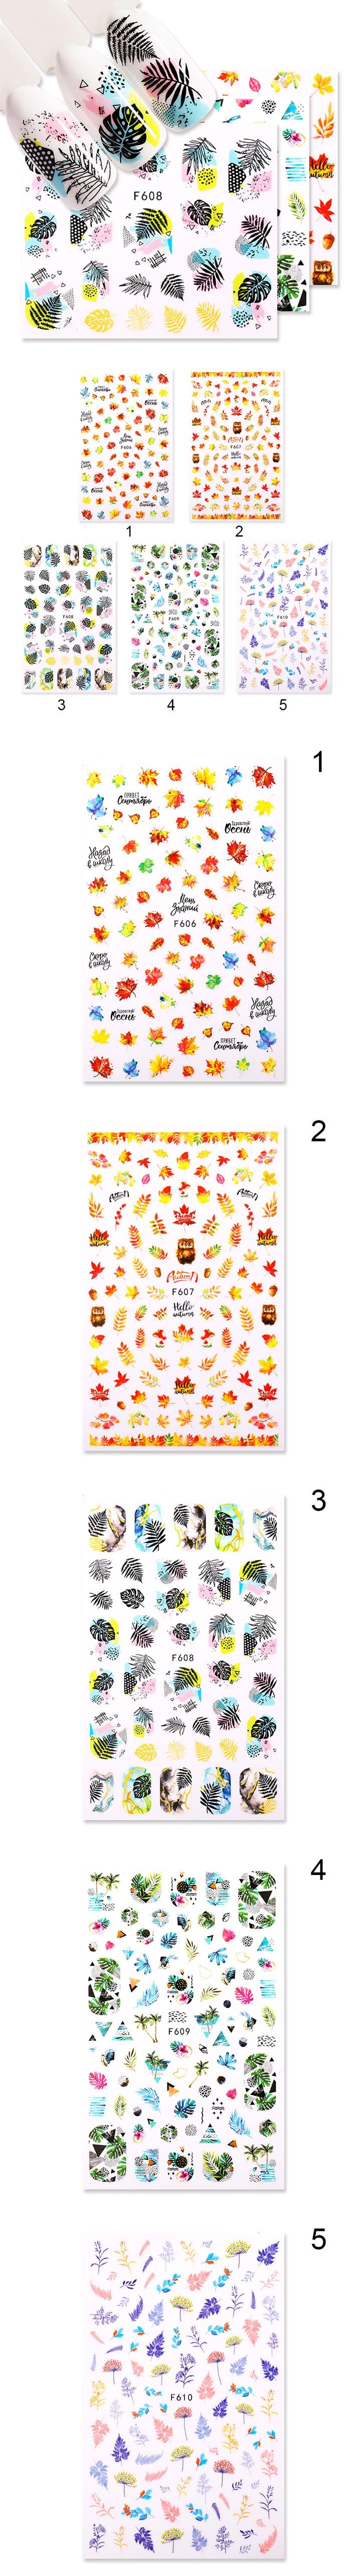 Наклейки для ногтей с изображением золотых листьев Осенние кленовые